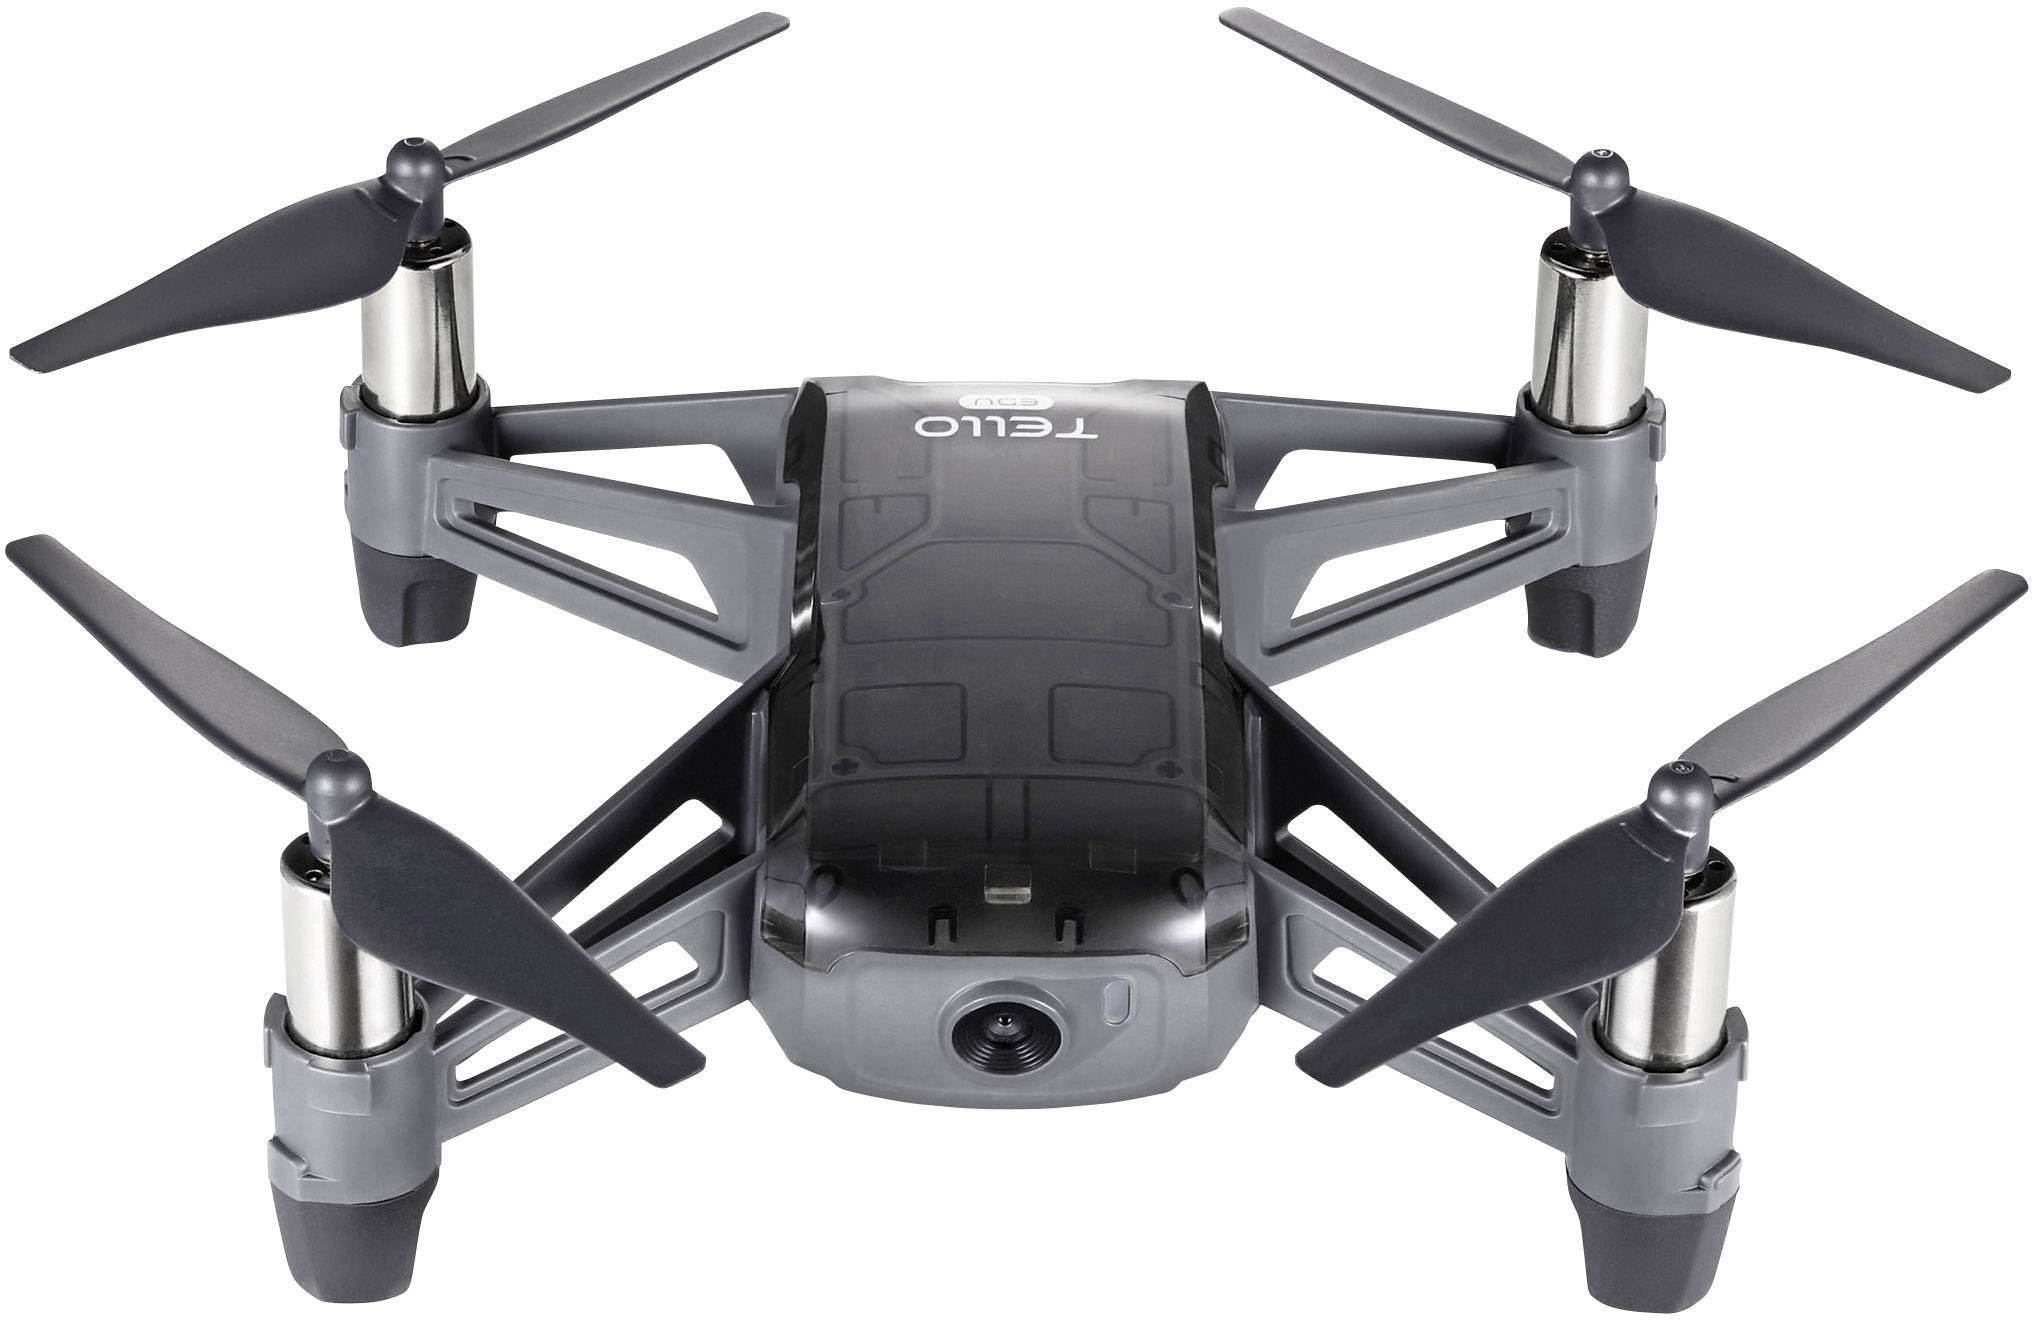 Ryze Tech Tello EDU Quadcopter RtF Camera drone | Conrad com